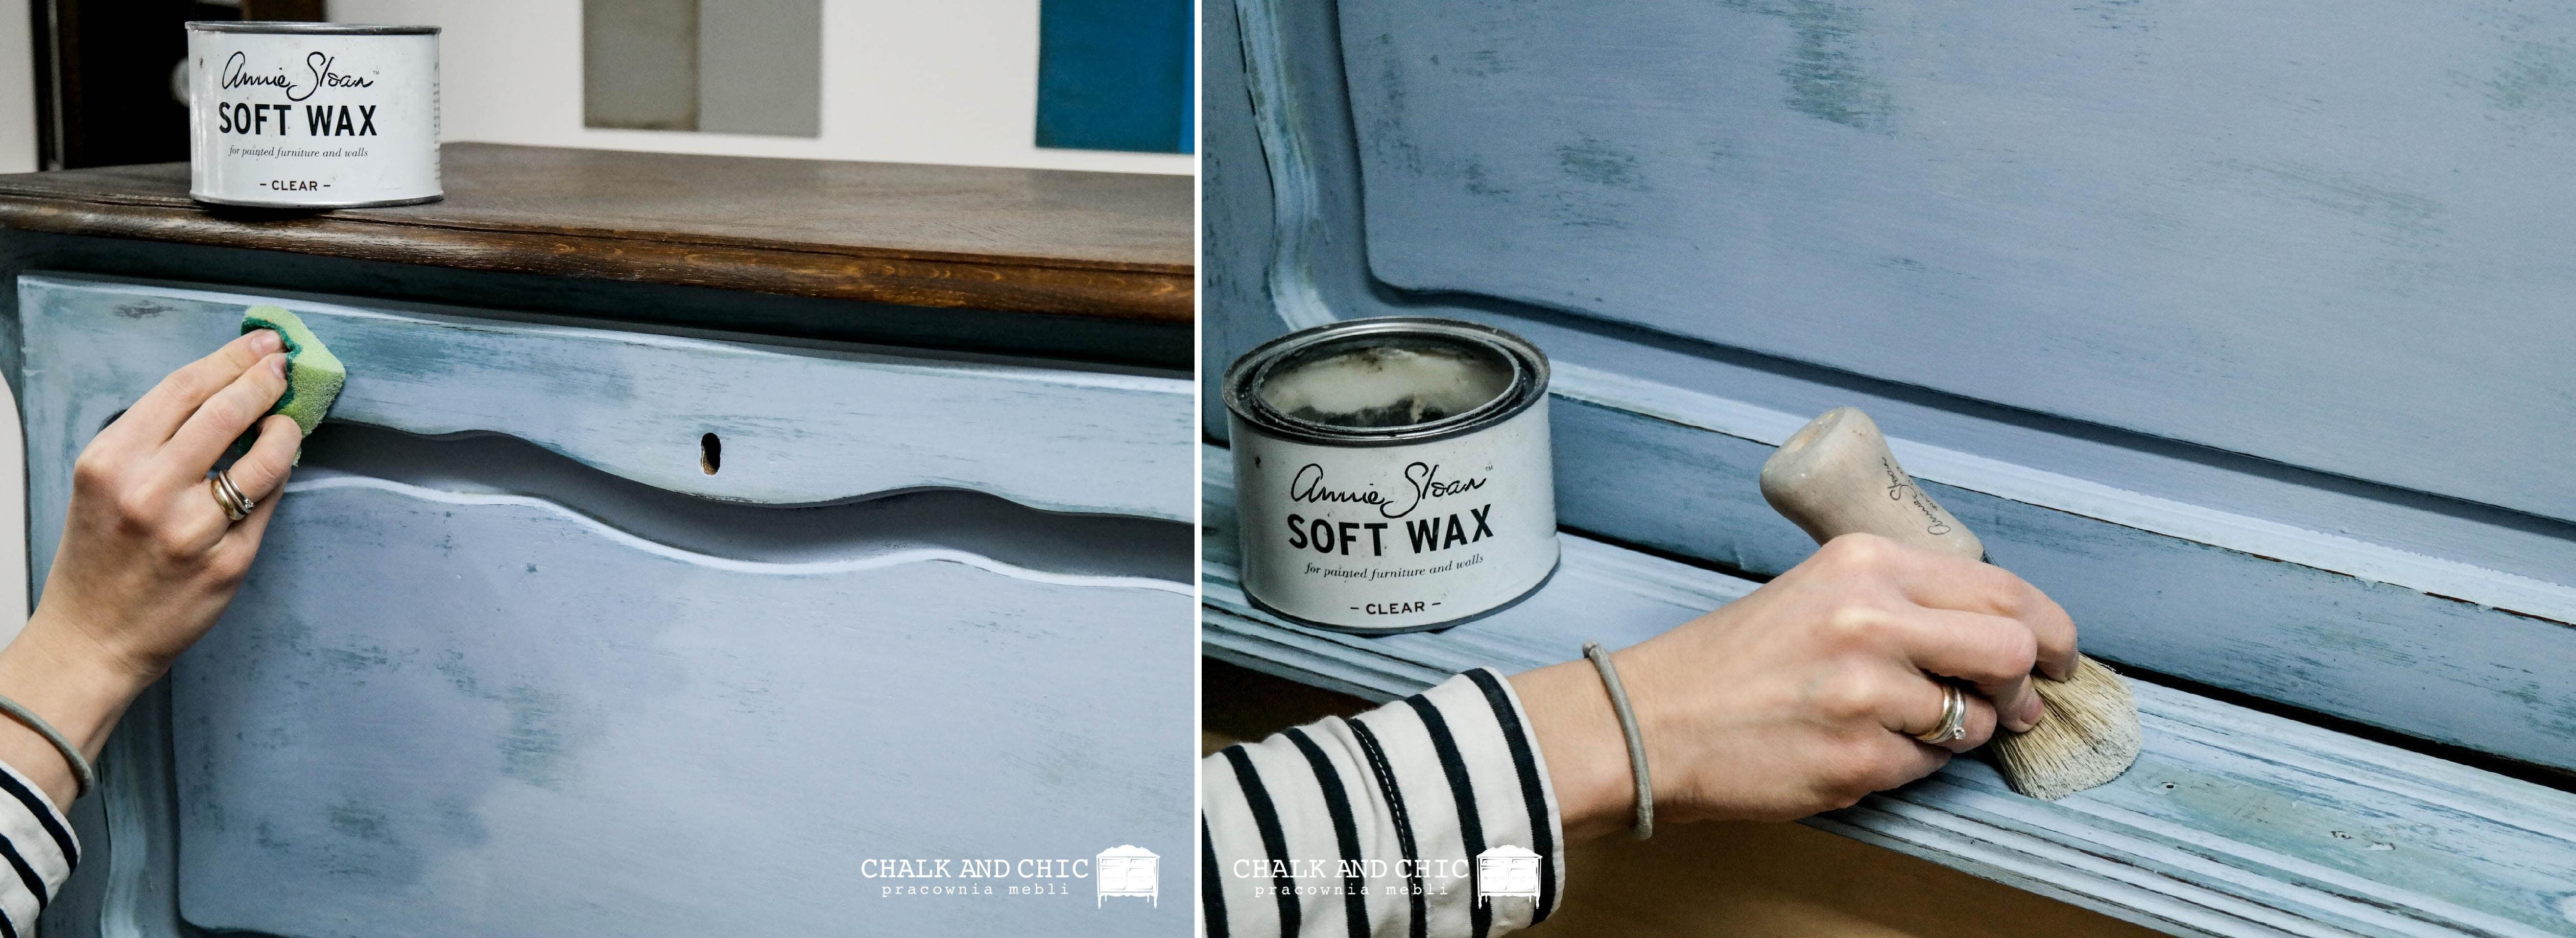 woskowanie powierzchni Clear Wax Annie Sloan